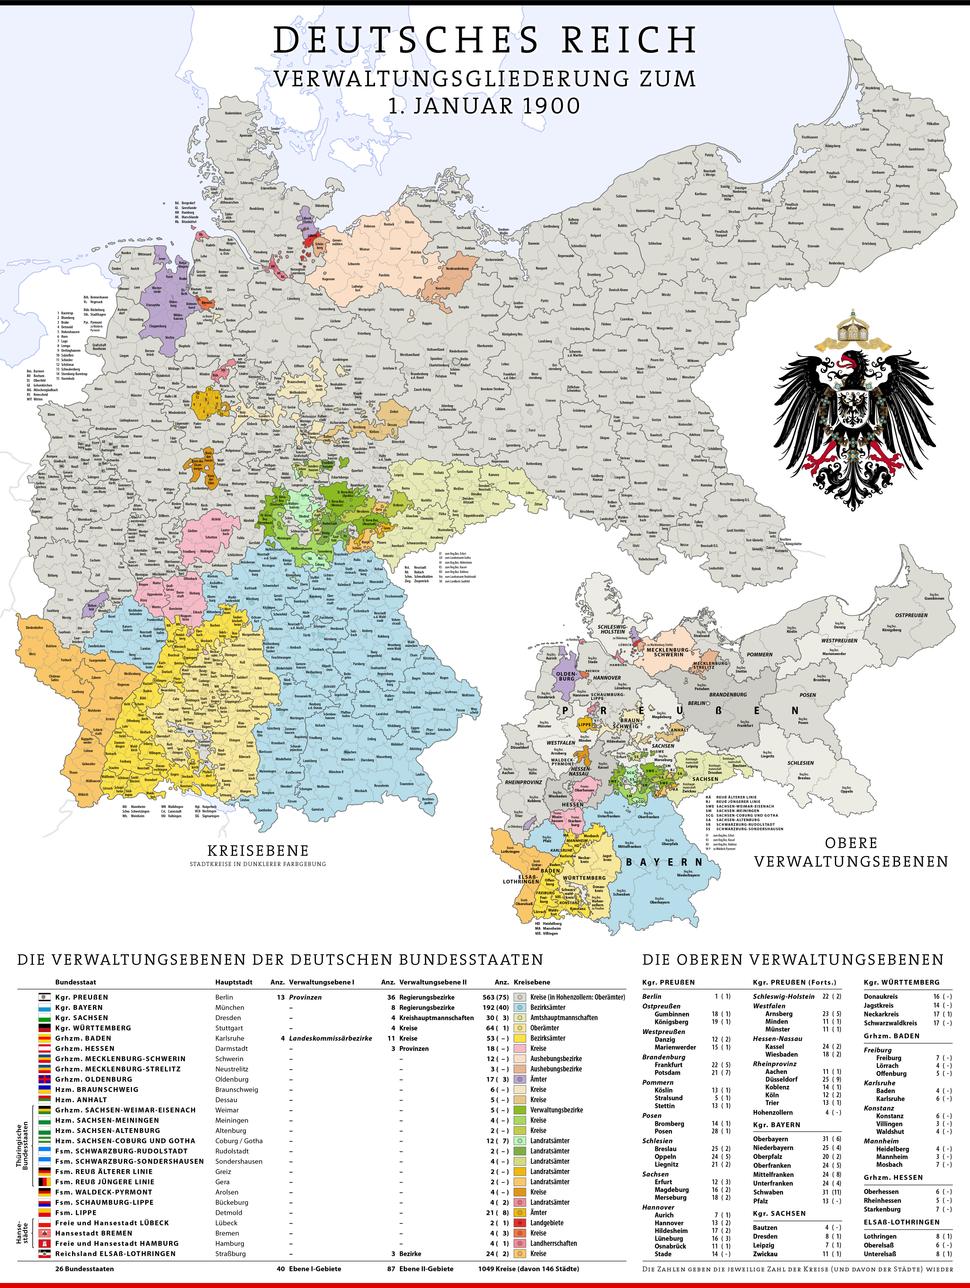 Karte Deutsches Reich, Verwaltungsgliederung 1900-01-01